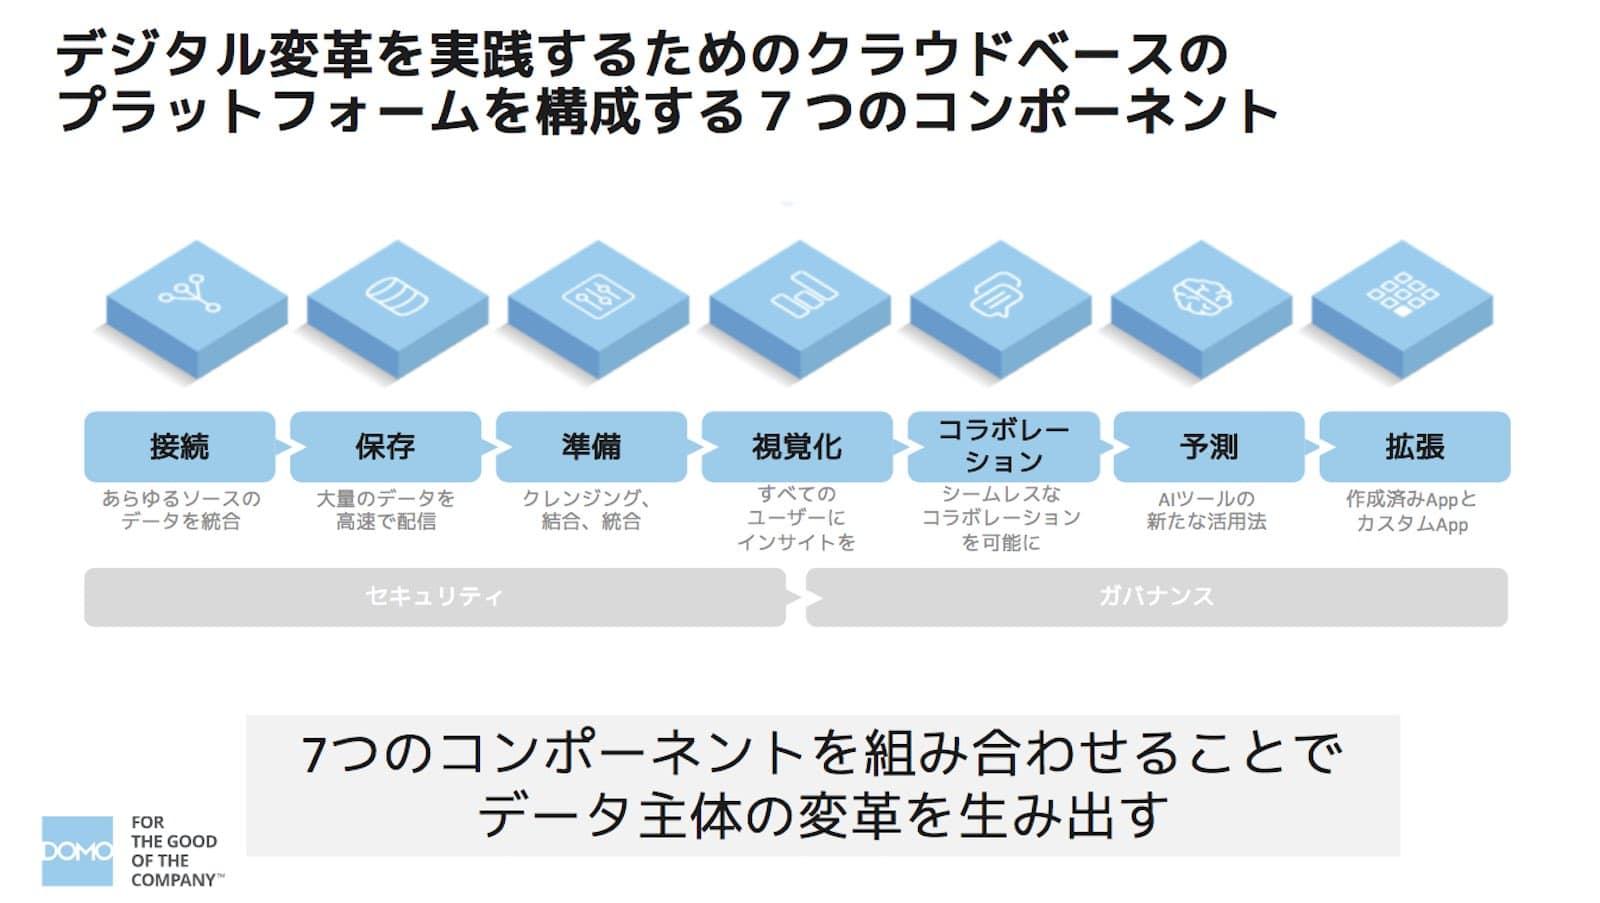 資料:デジタル変革を実践するためのクラウドベースのプラットフォームを構成する7つのコンポーネント